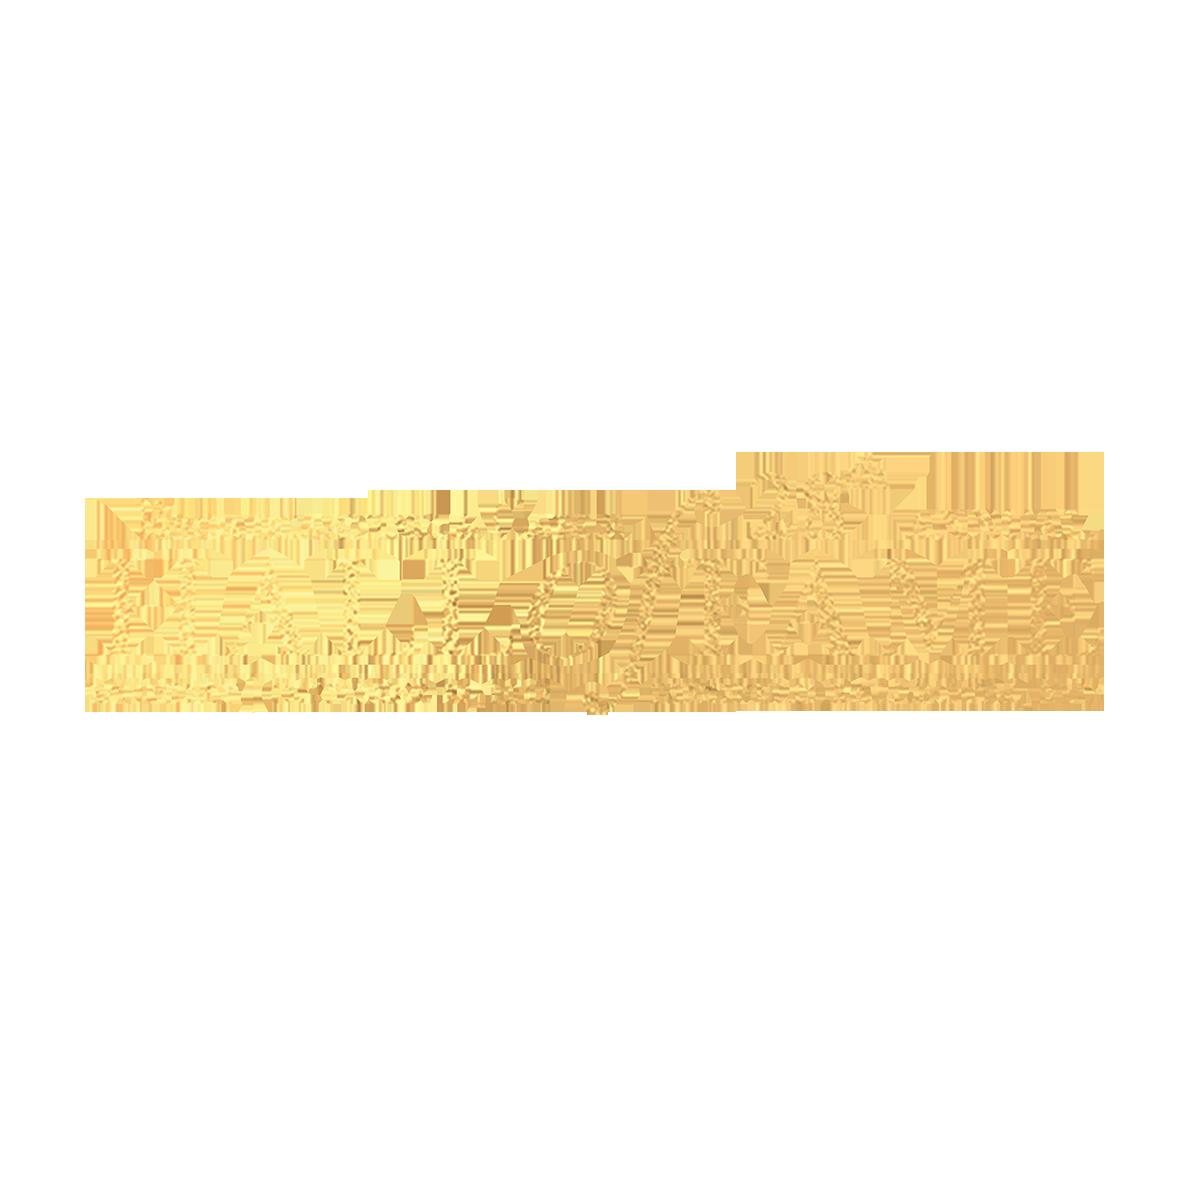 Home: NYCTV Hall Of Fame